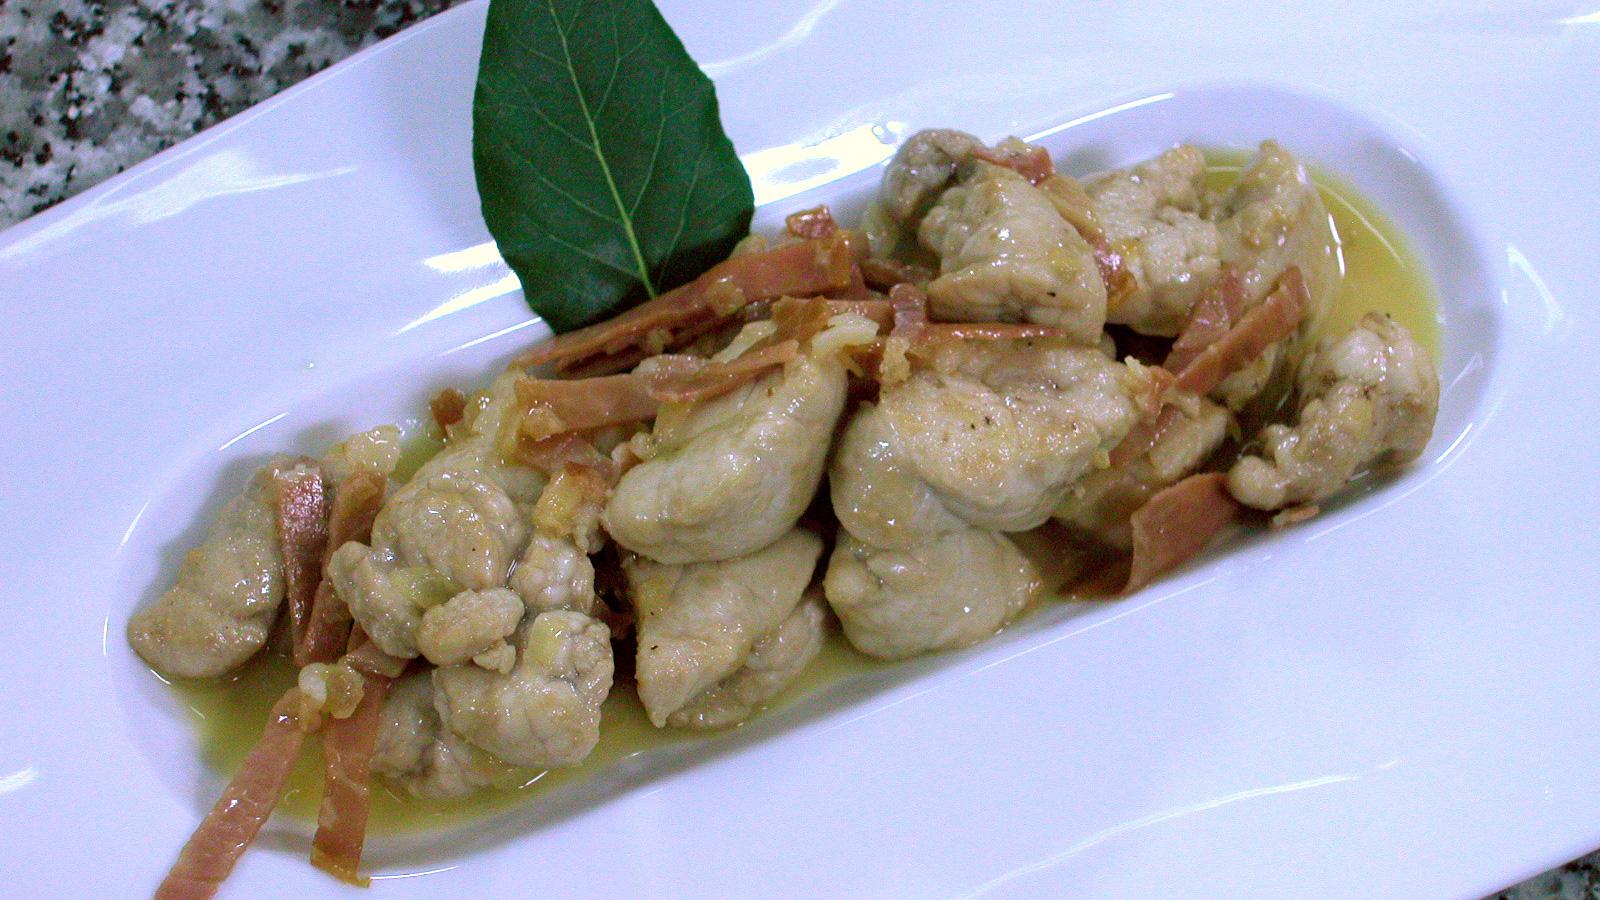 Cocinar Mollejas De Cordero | Mollejas De Cordero A La Romana Fabio Morisi Receta Canal Cocina